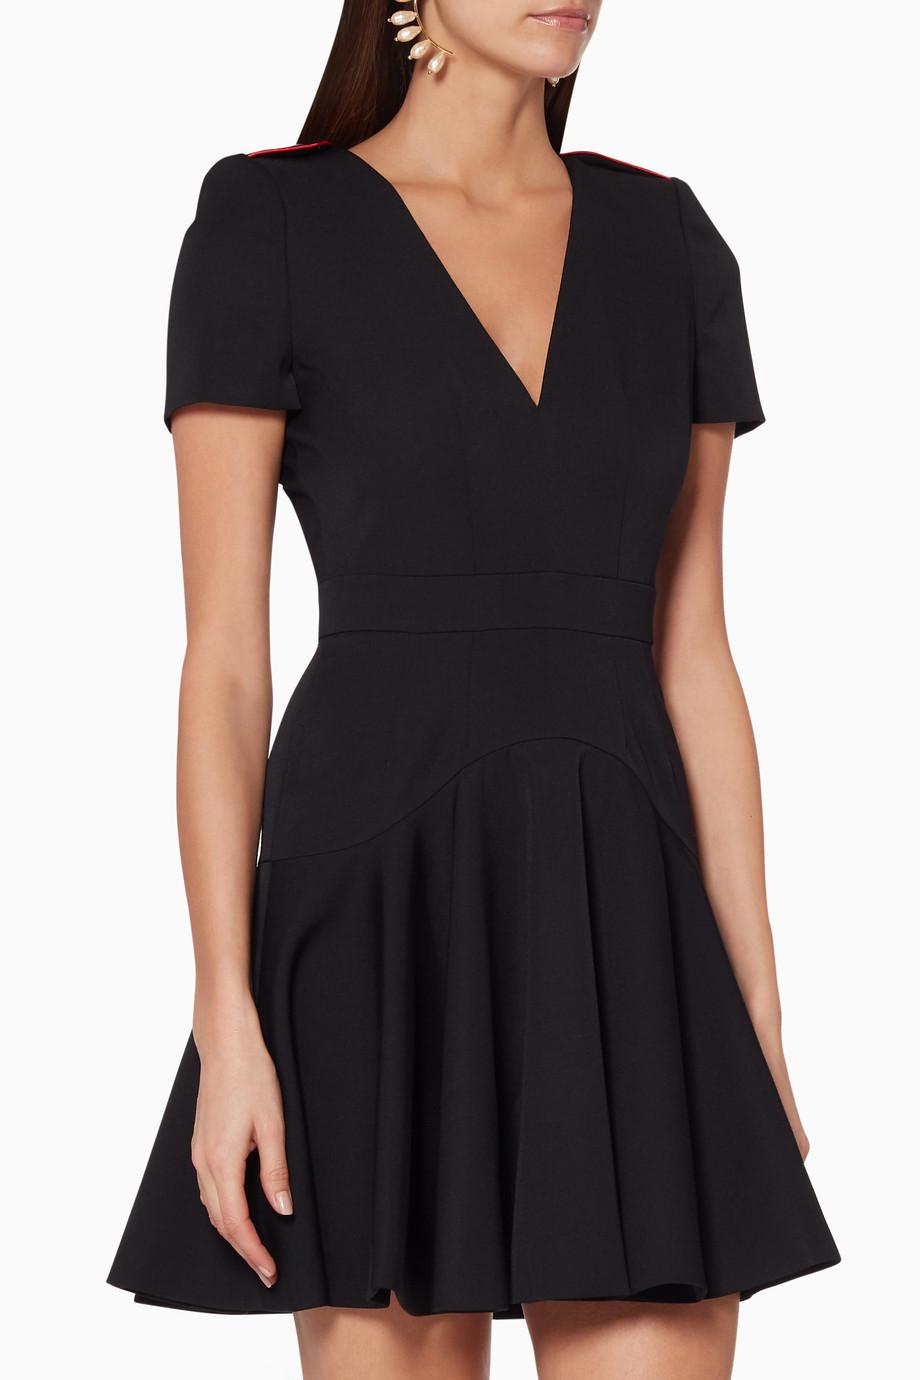 b06a6cf91 تسوق فستان قصير بتصميم عسكري أسود Alexander McQueen أسود للنساء   اُناس